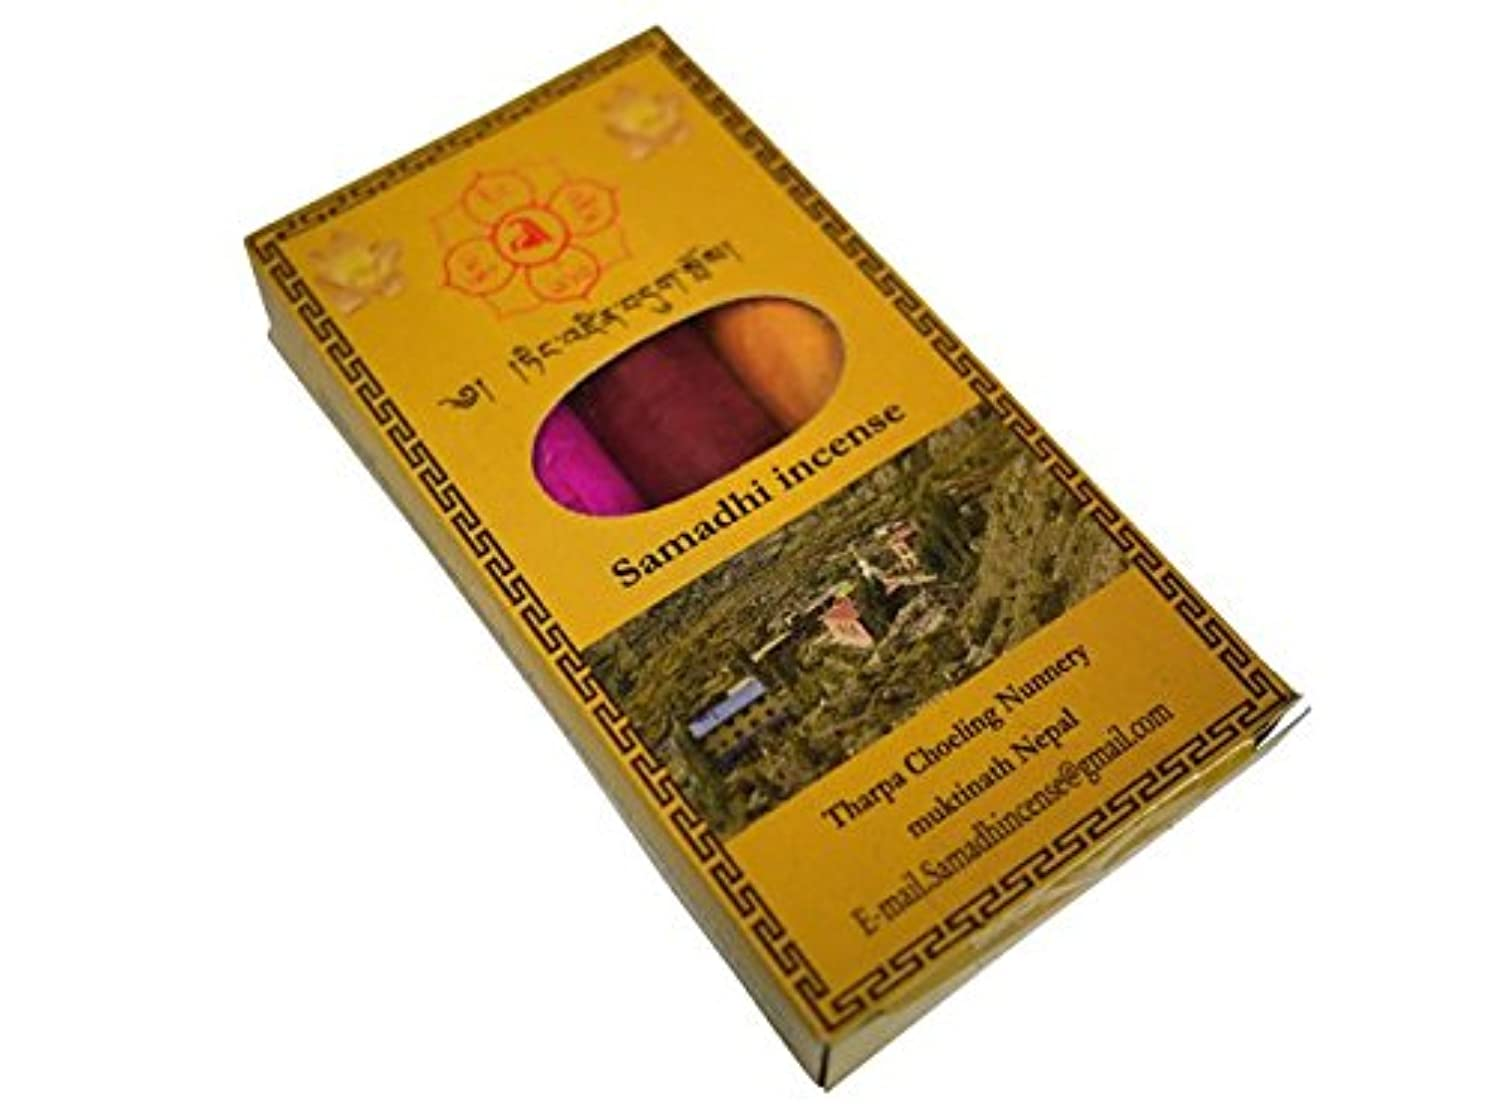 盆地スタック夢中タルパチョリンナニー チベット仏教寺院タルパチョリンナニーのお香【Samadhi3in1】